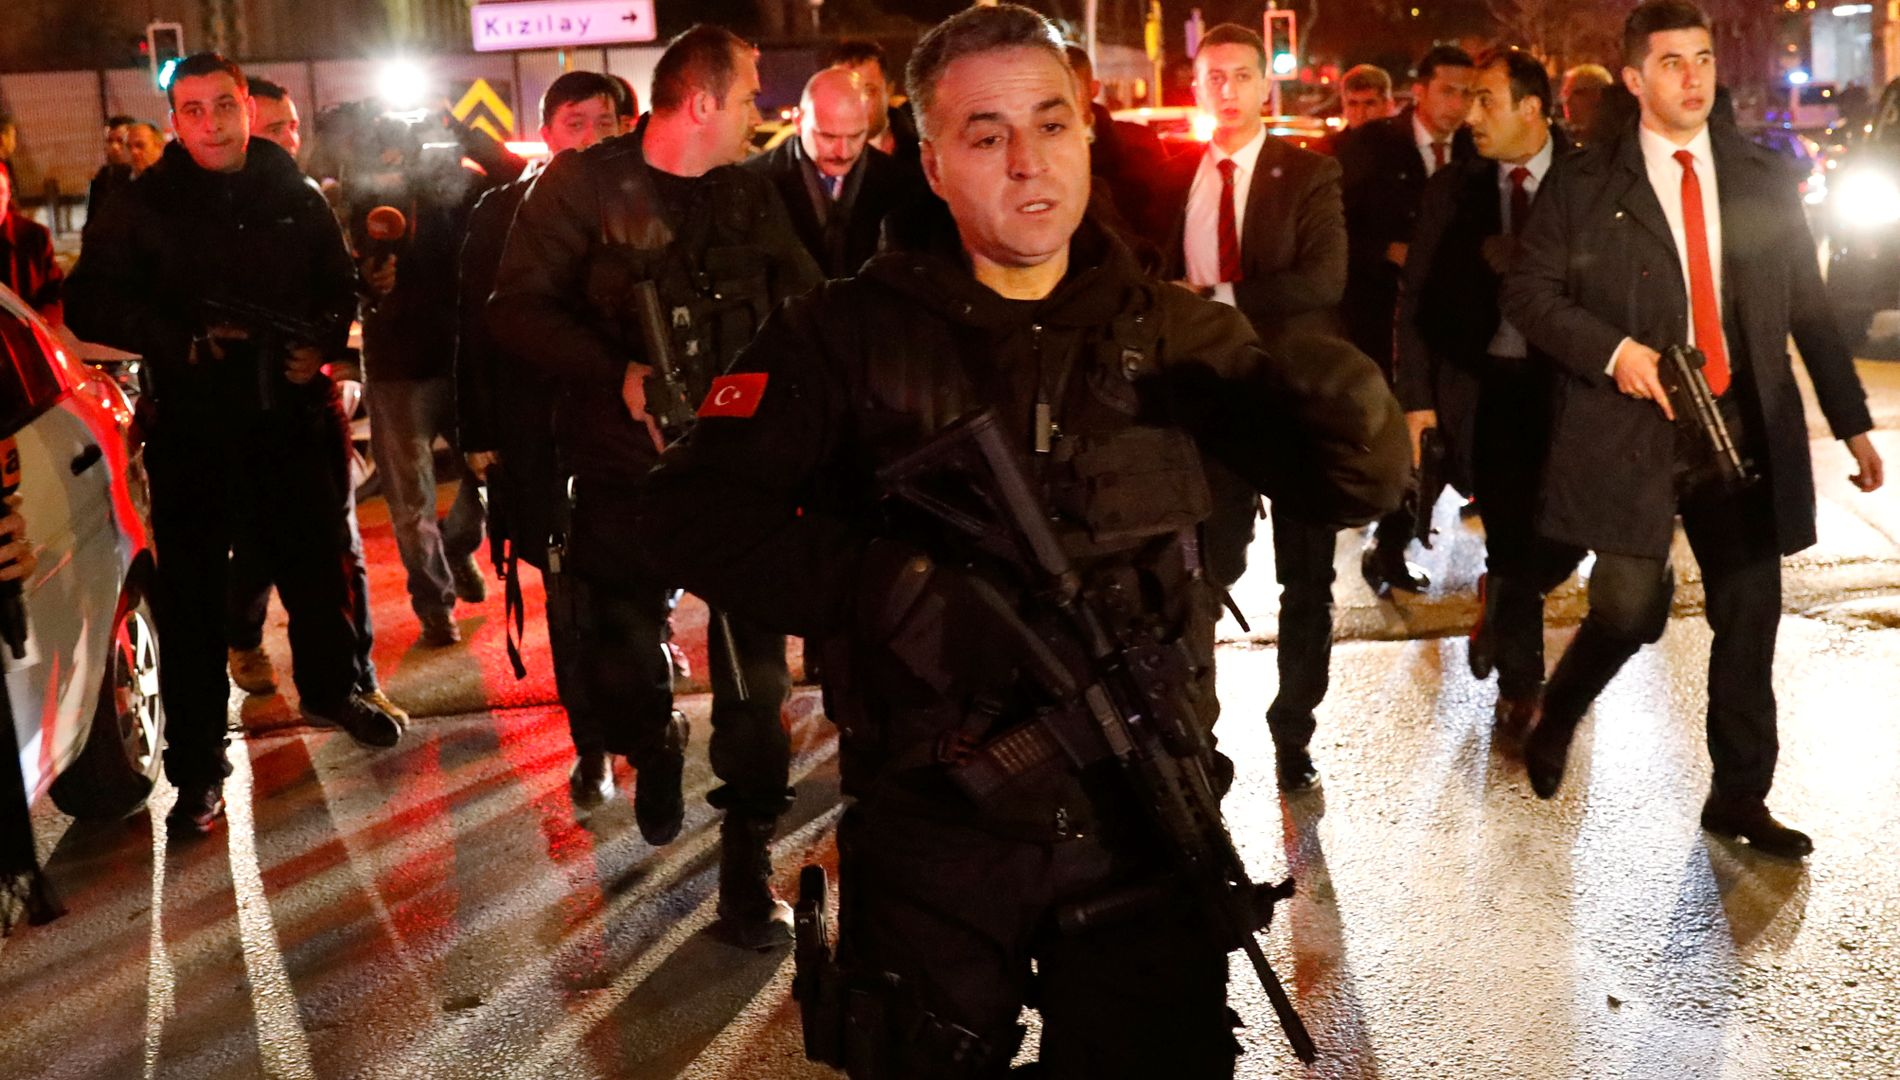 SPESIALPOLITI: Tyrkisk politi har omringet bygningen.